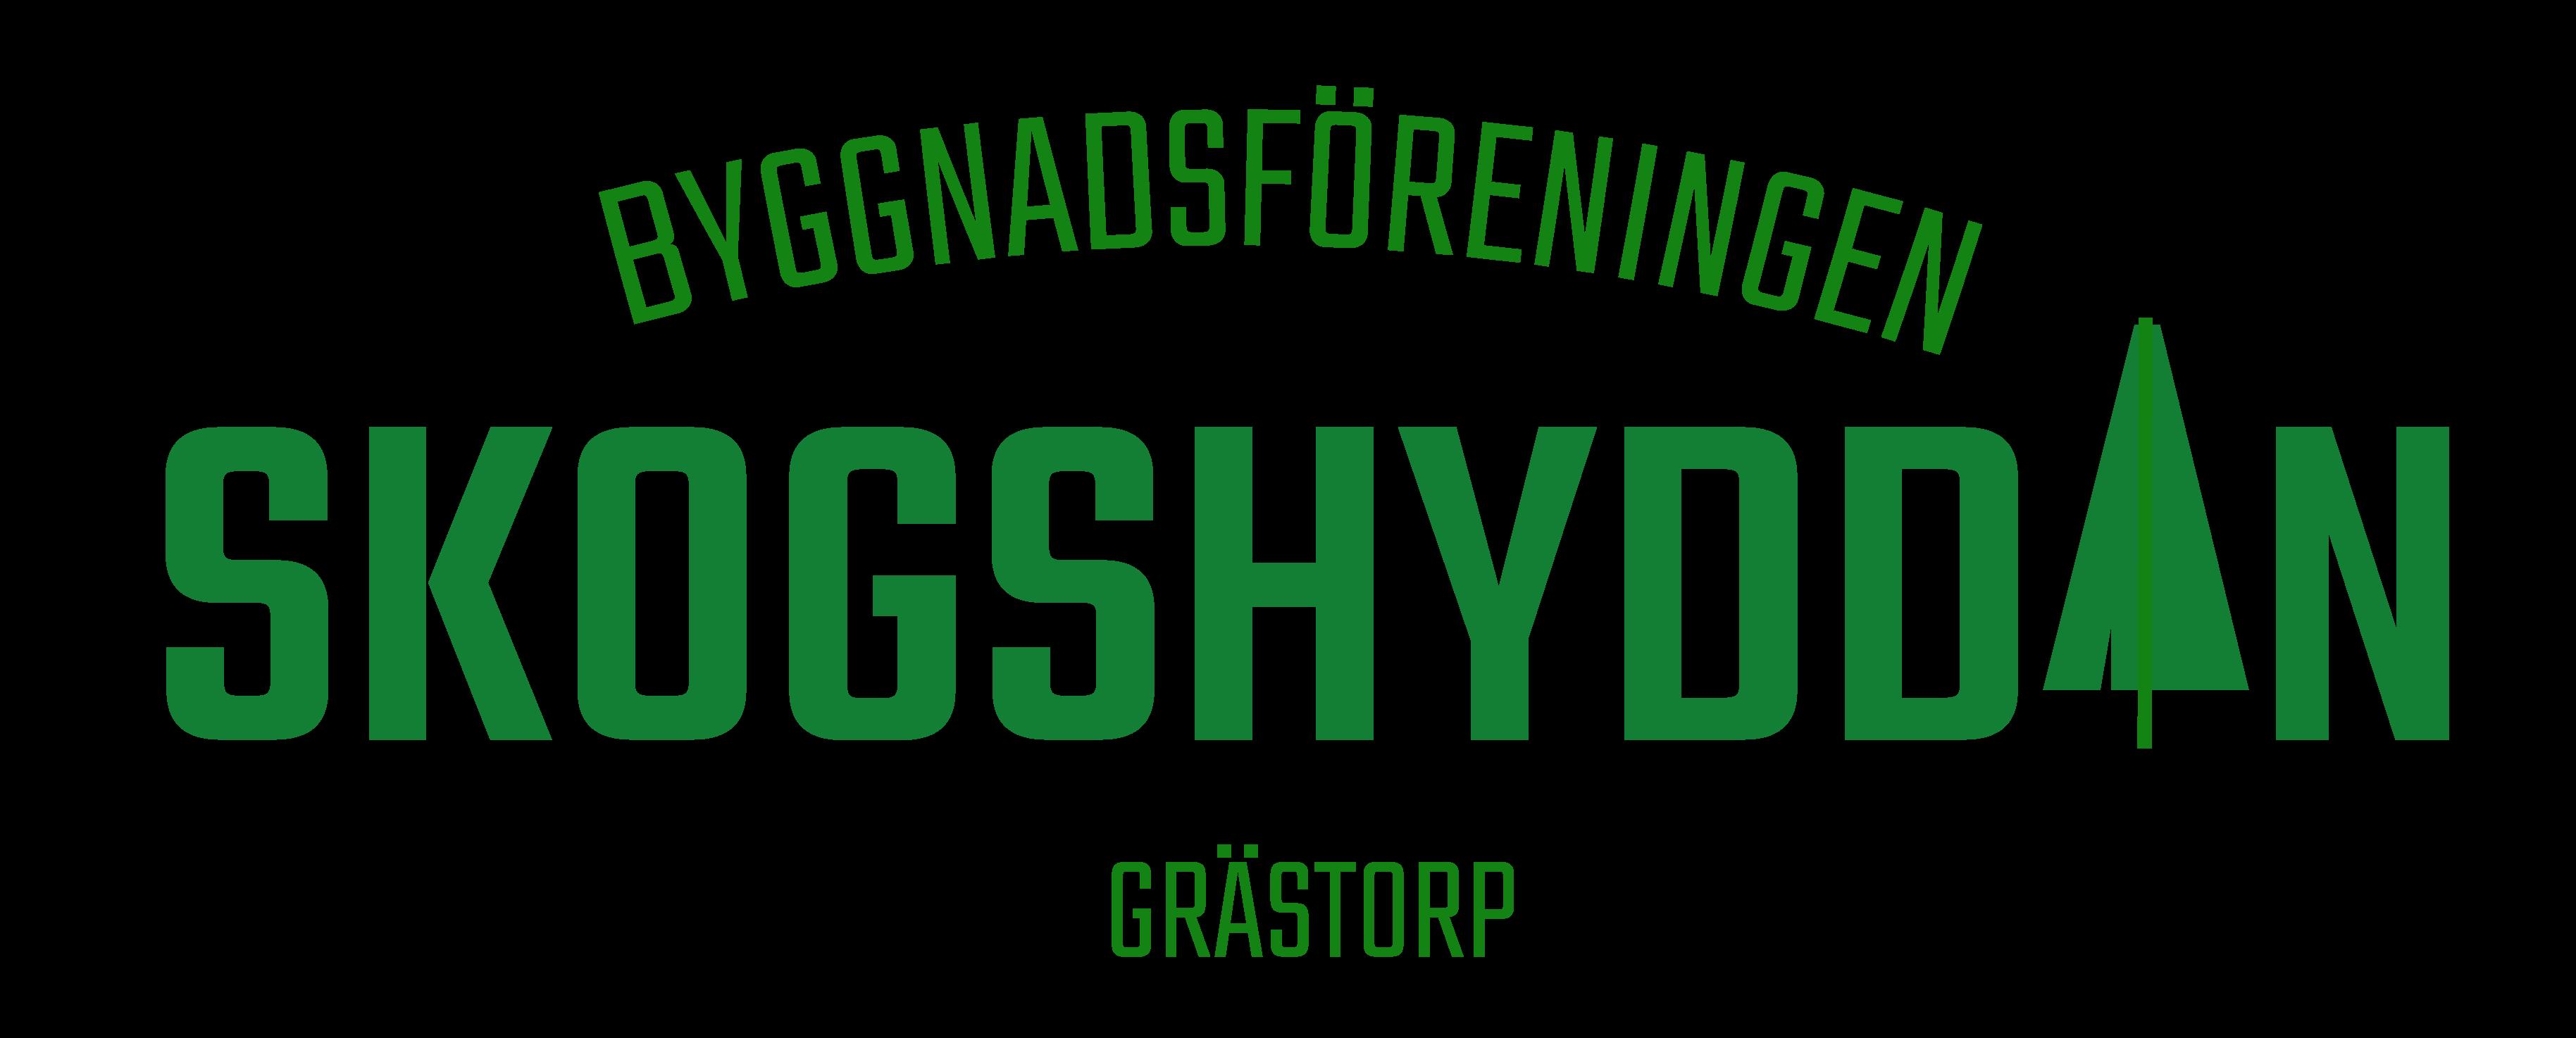 Skogshyddan Grästorp